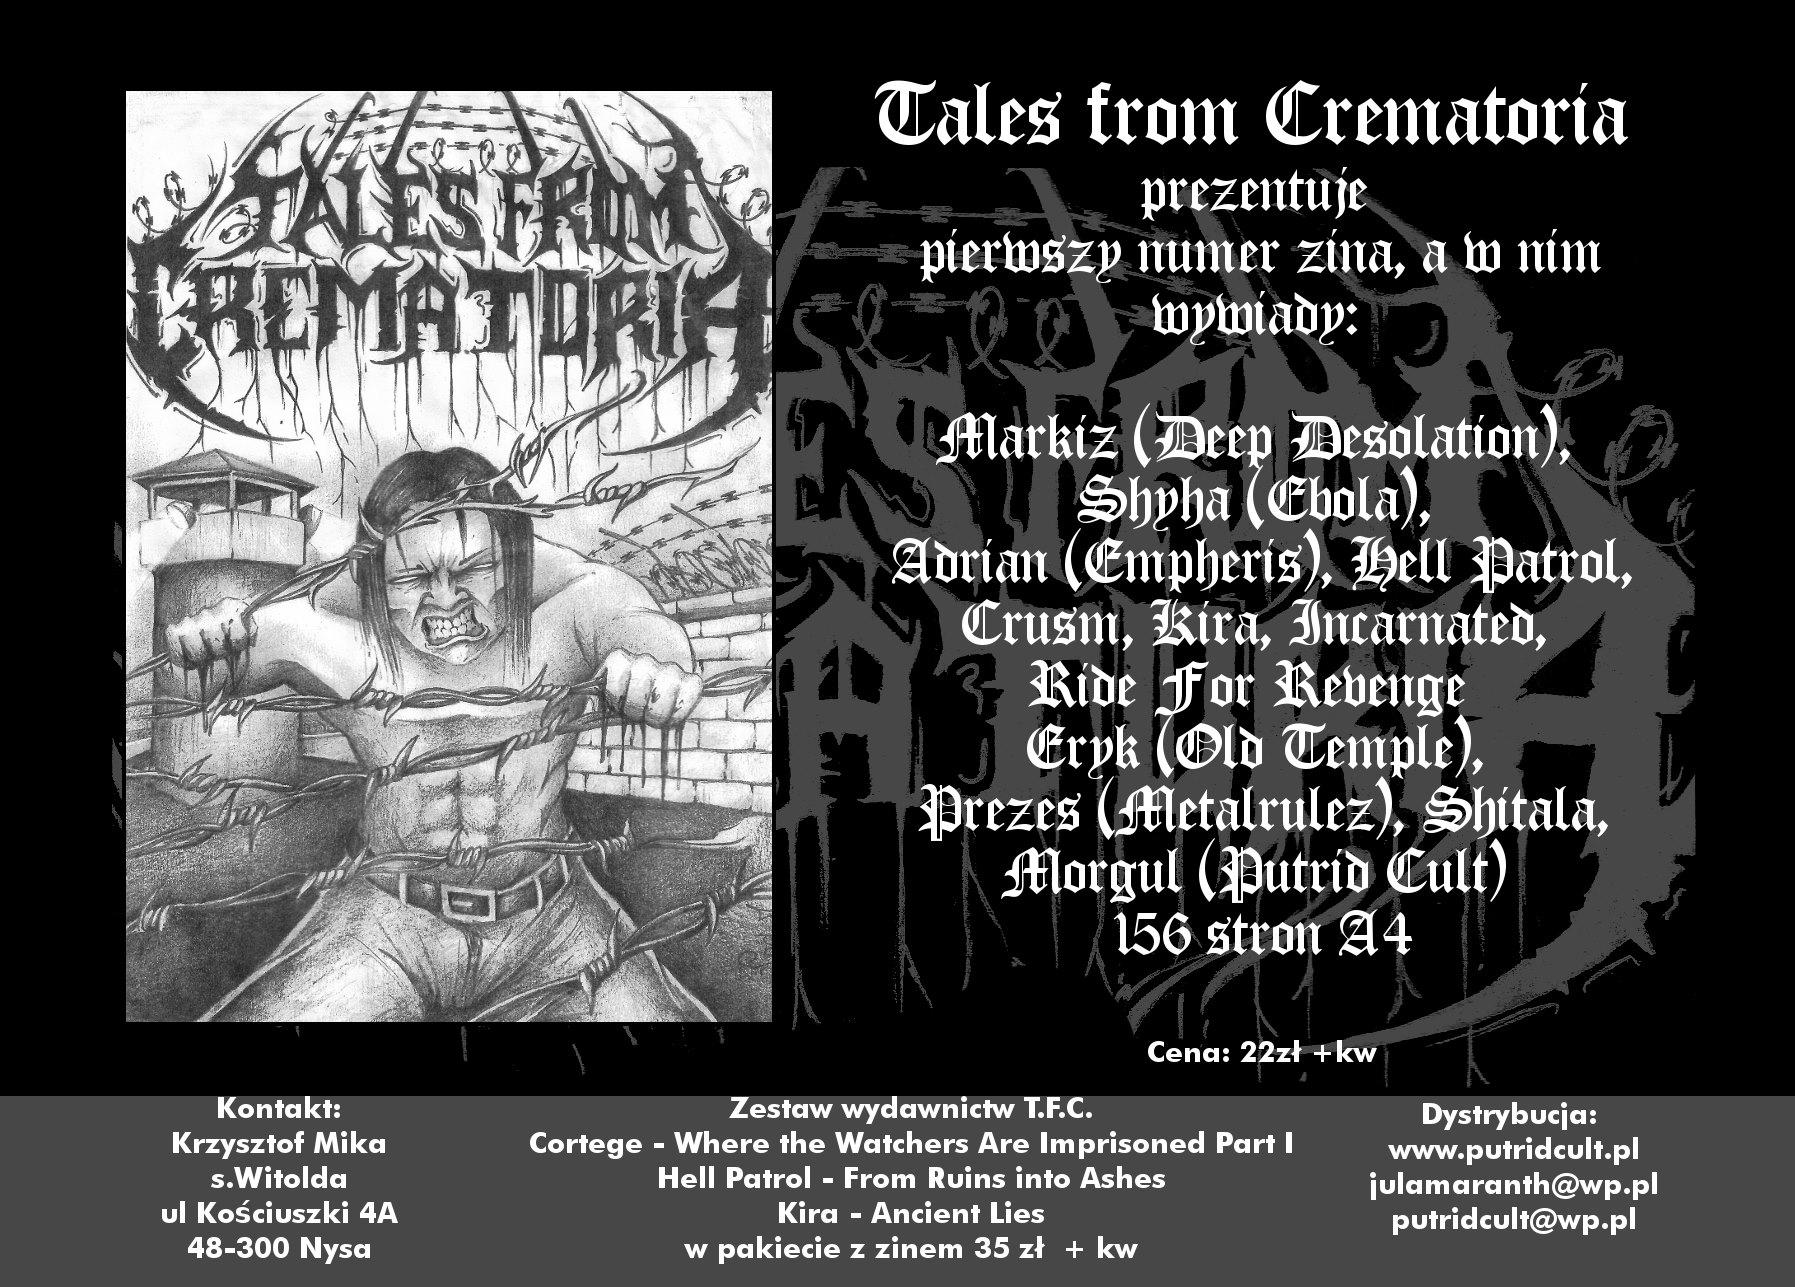 Tales From Crematoria zine już dostępny!